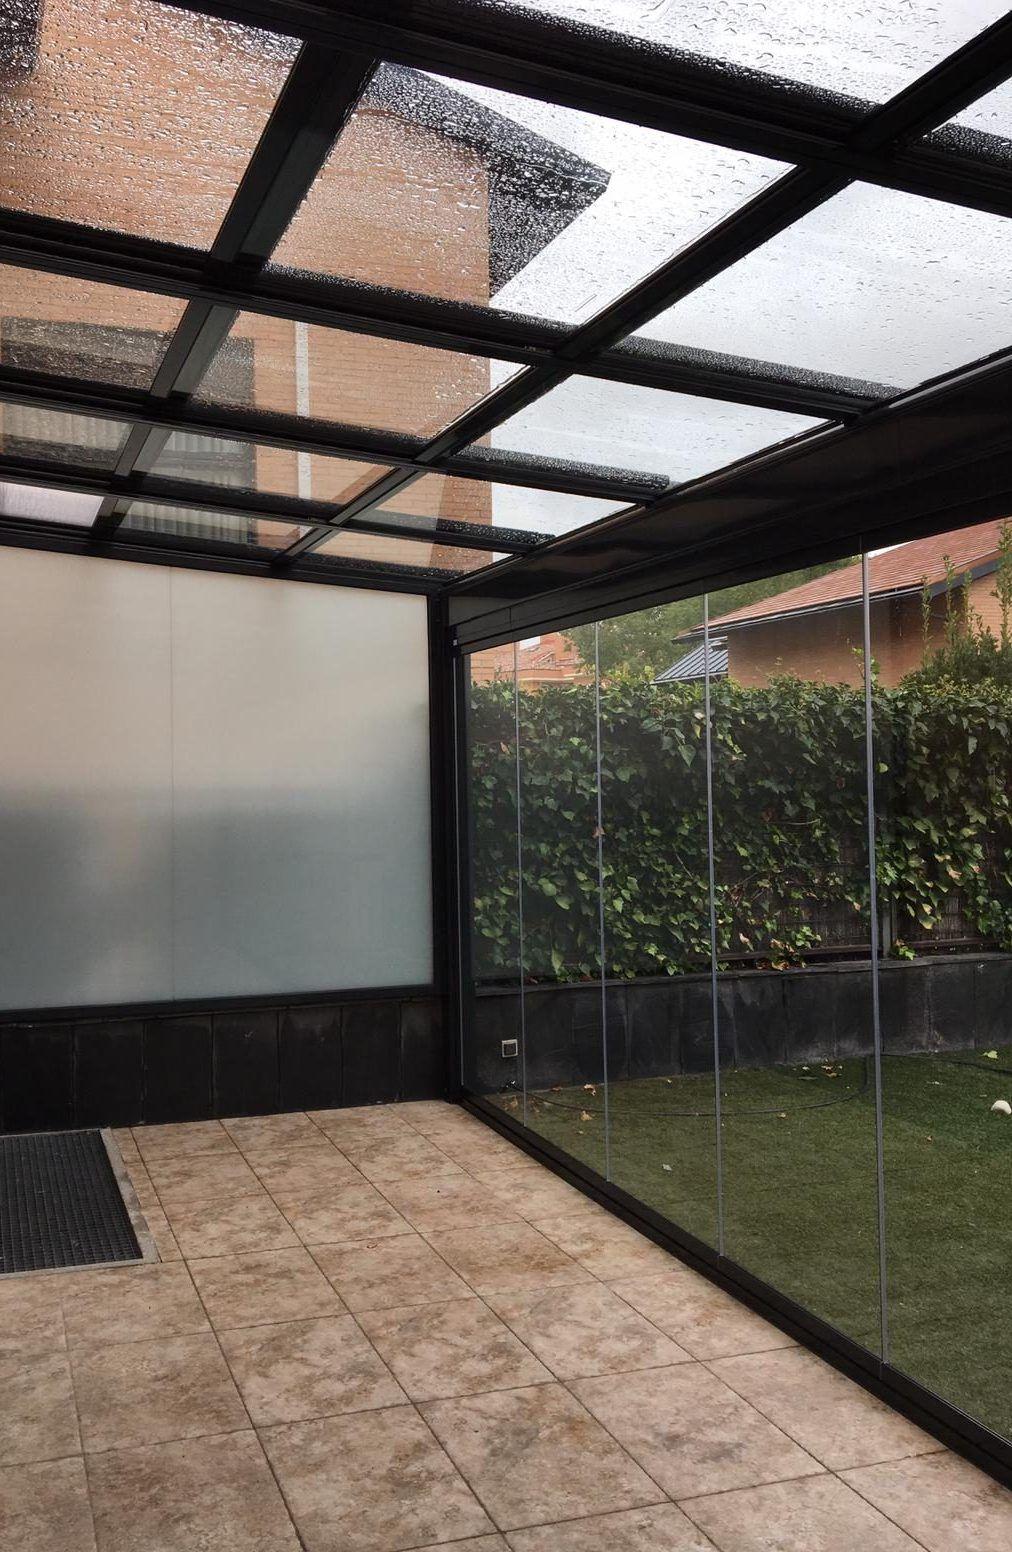 Cerramientos con techos móviles o fijos, ideales para porches o terrazas